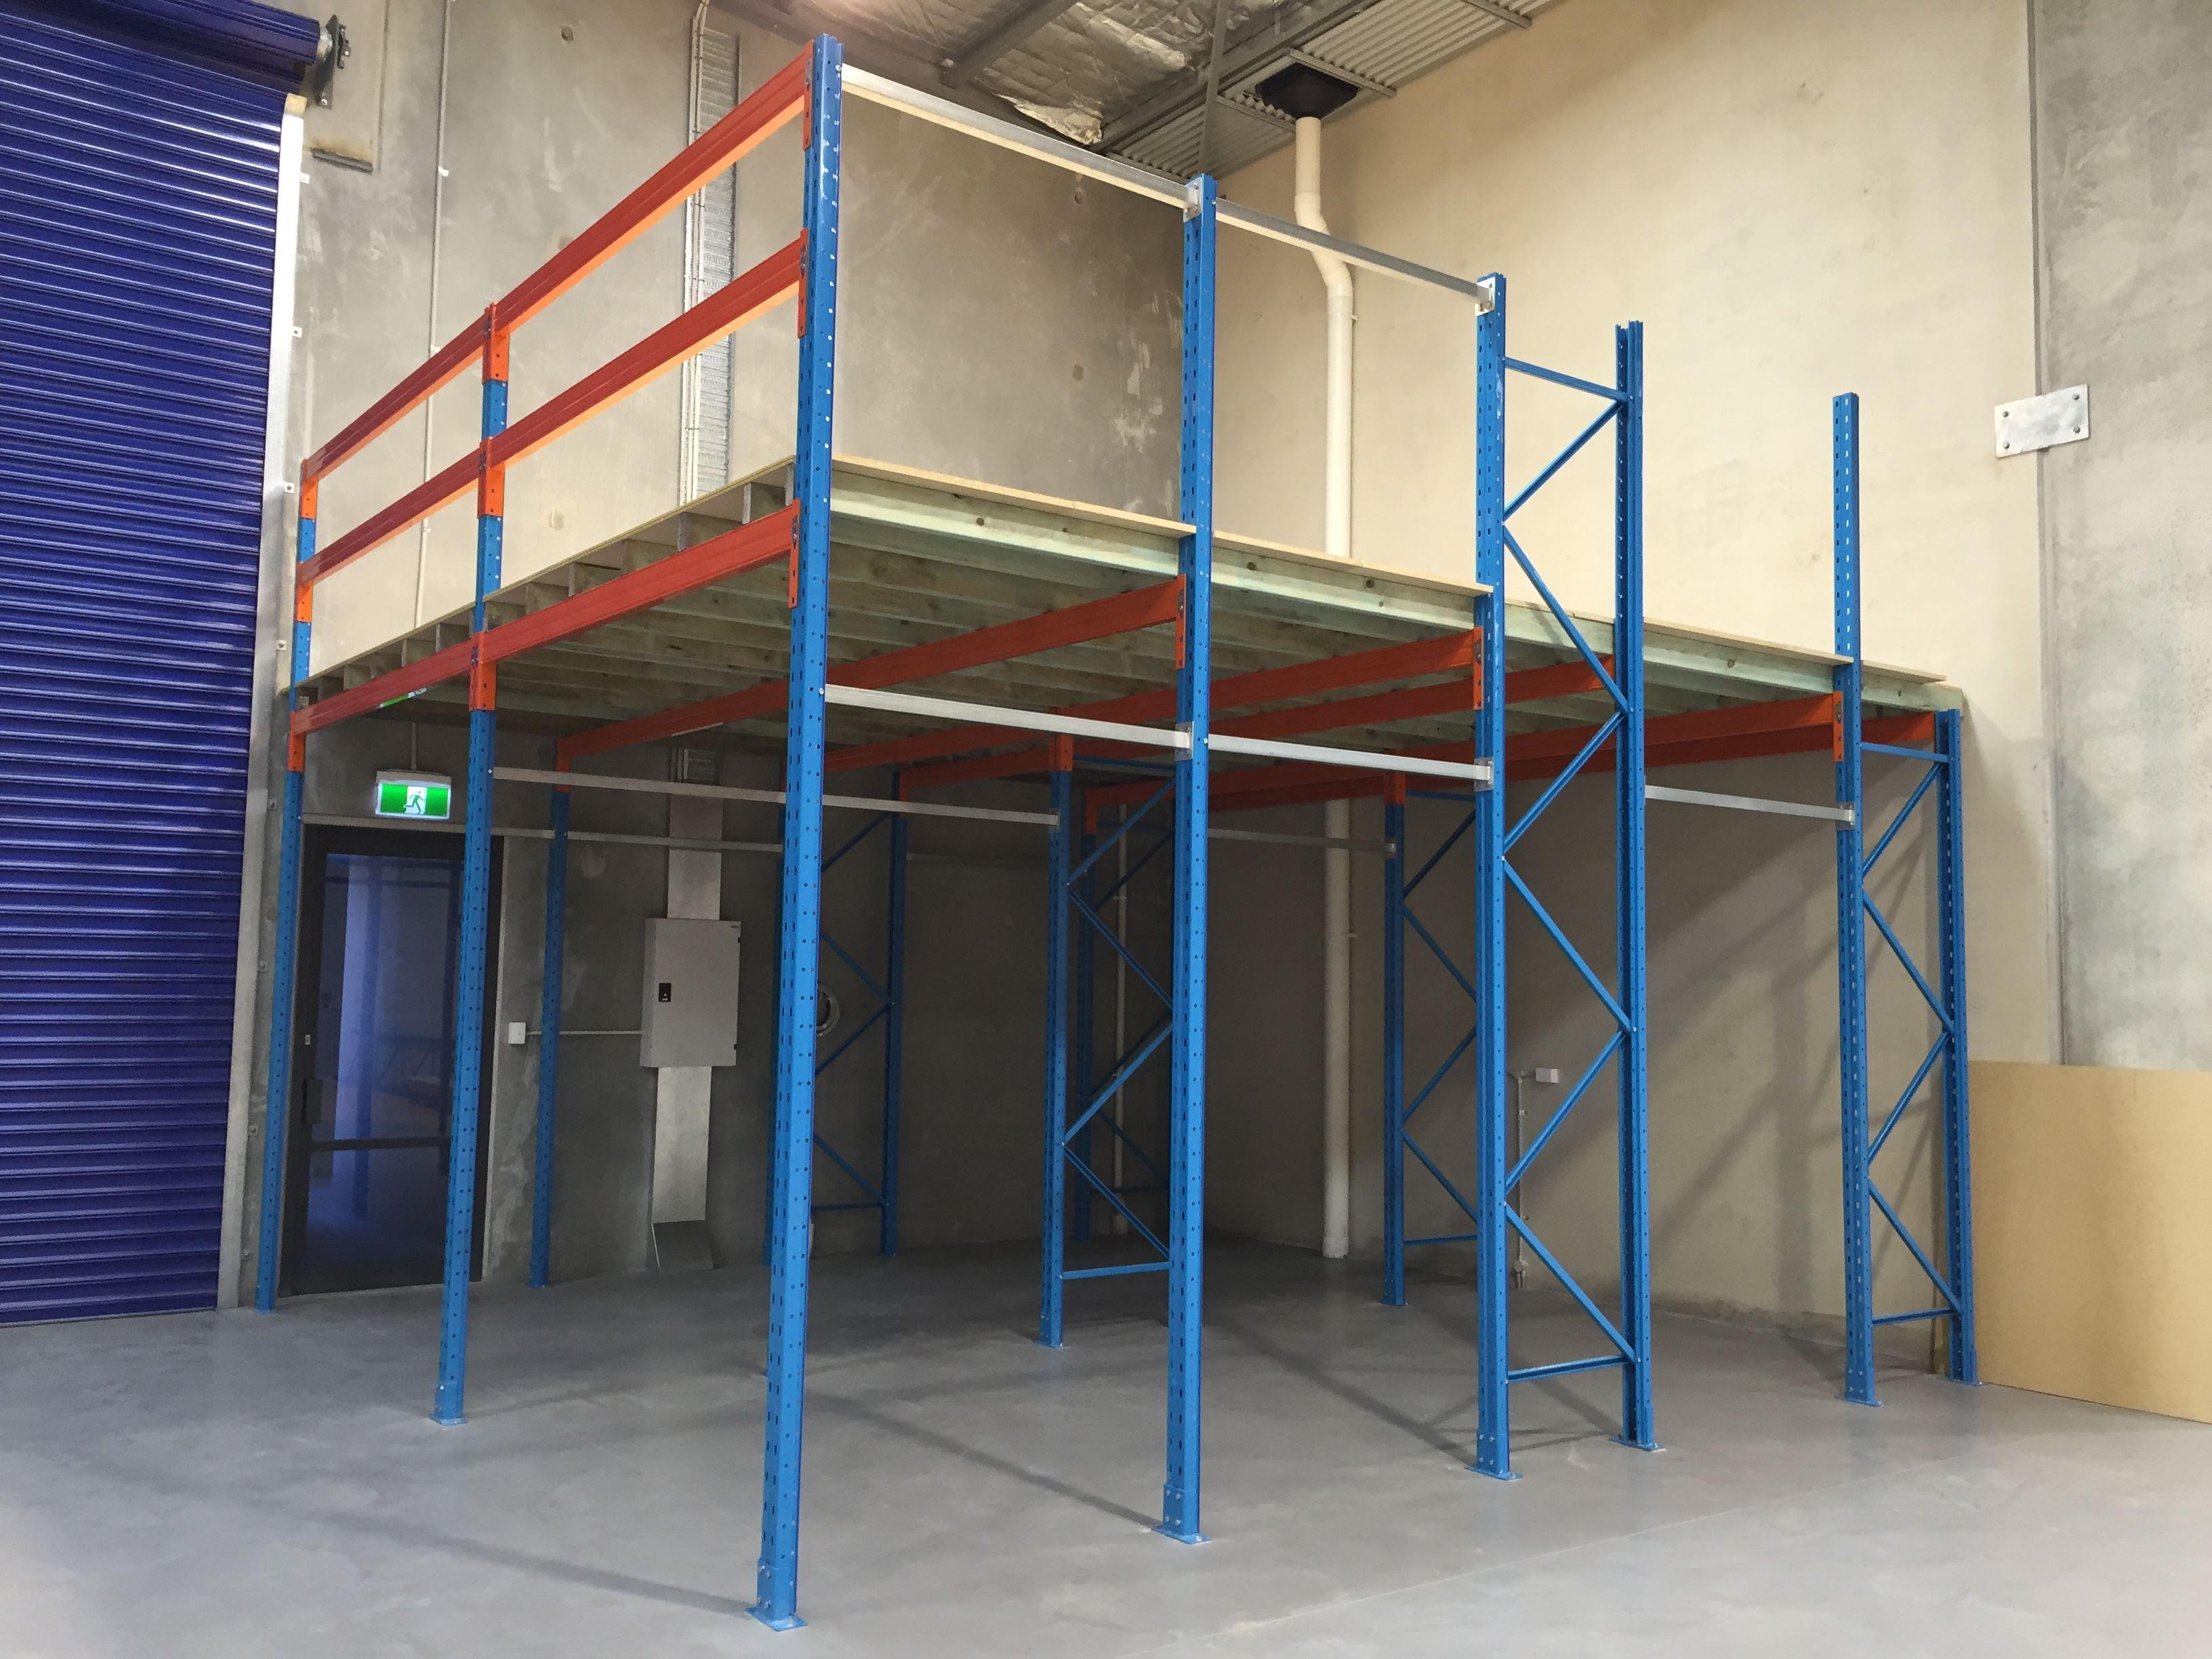 Mezzanine ideas ideas about mezzanine bedroom on for Mezzanine floor ideas